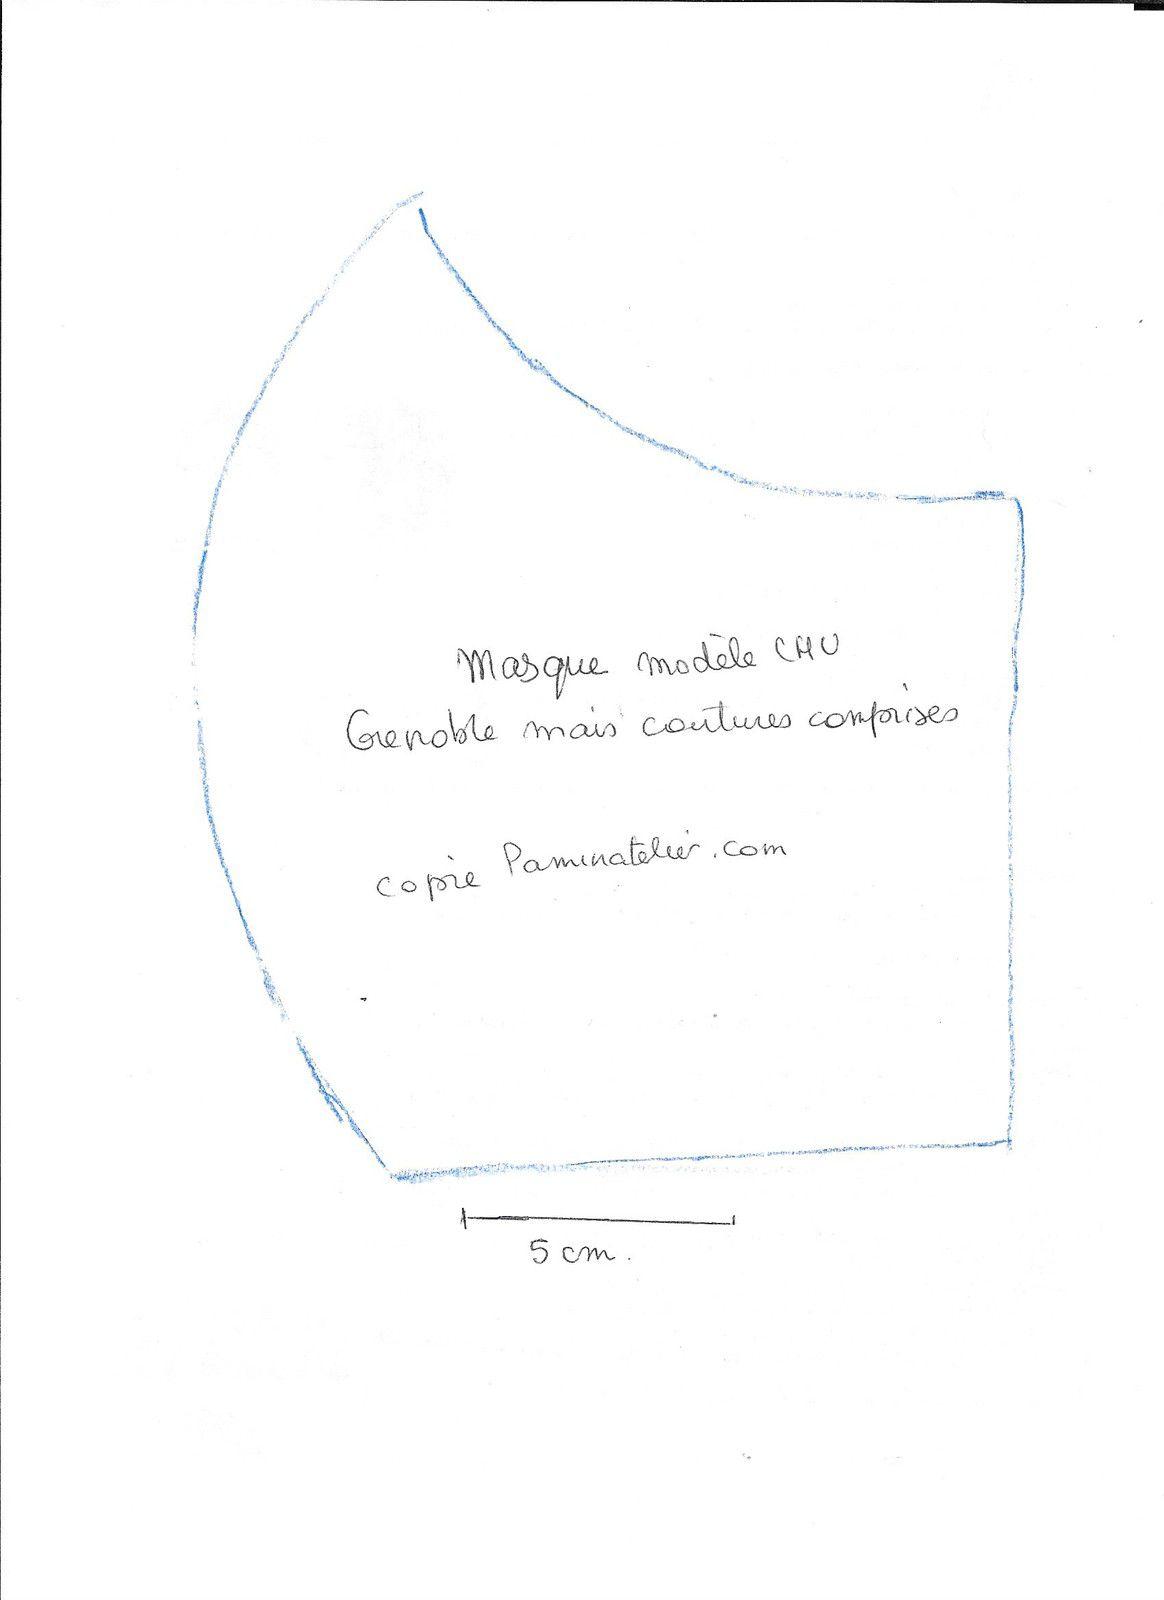 Masque de protection en tissu  covid-19